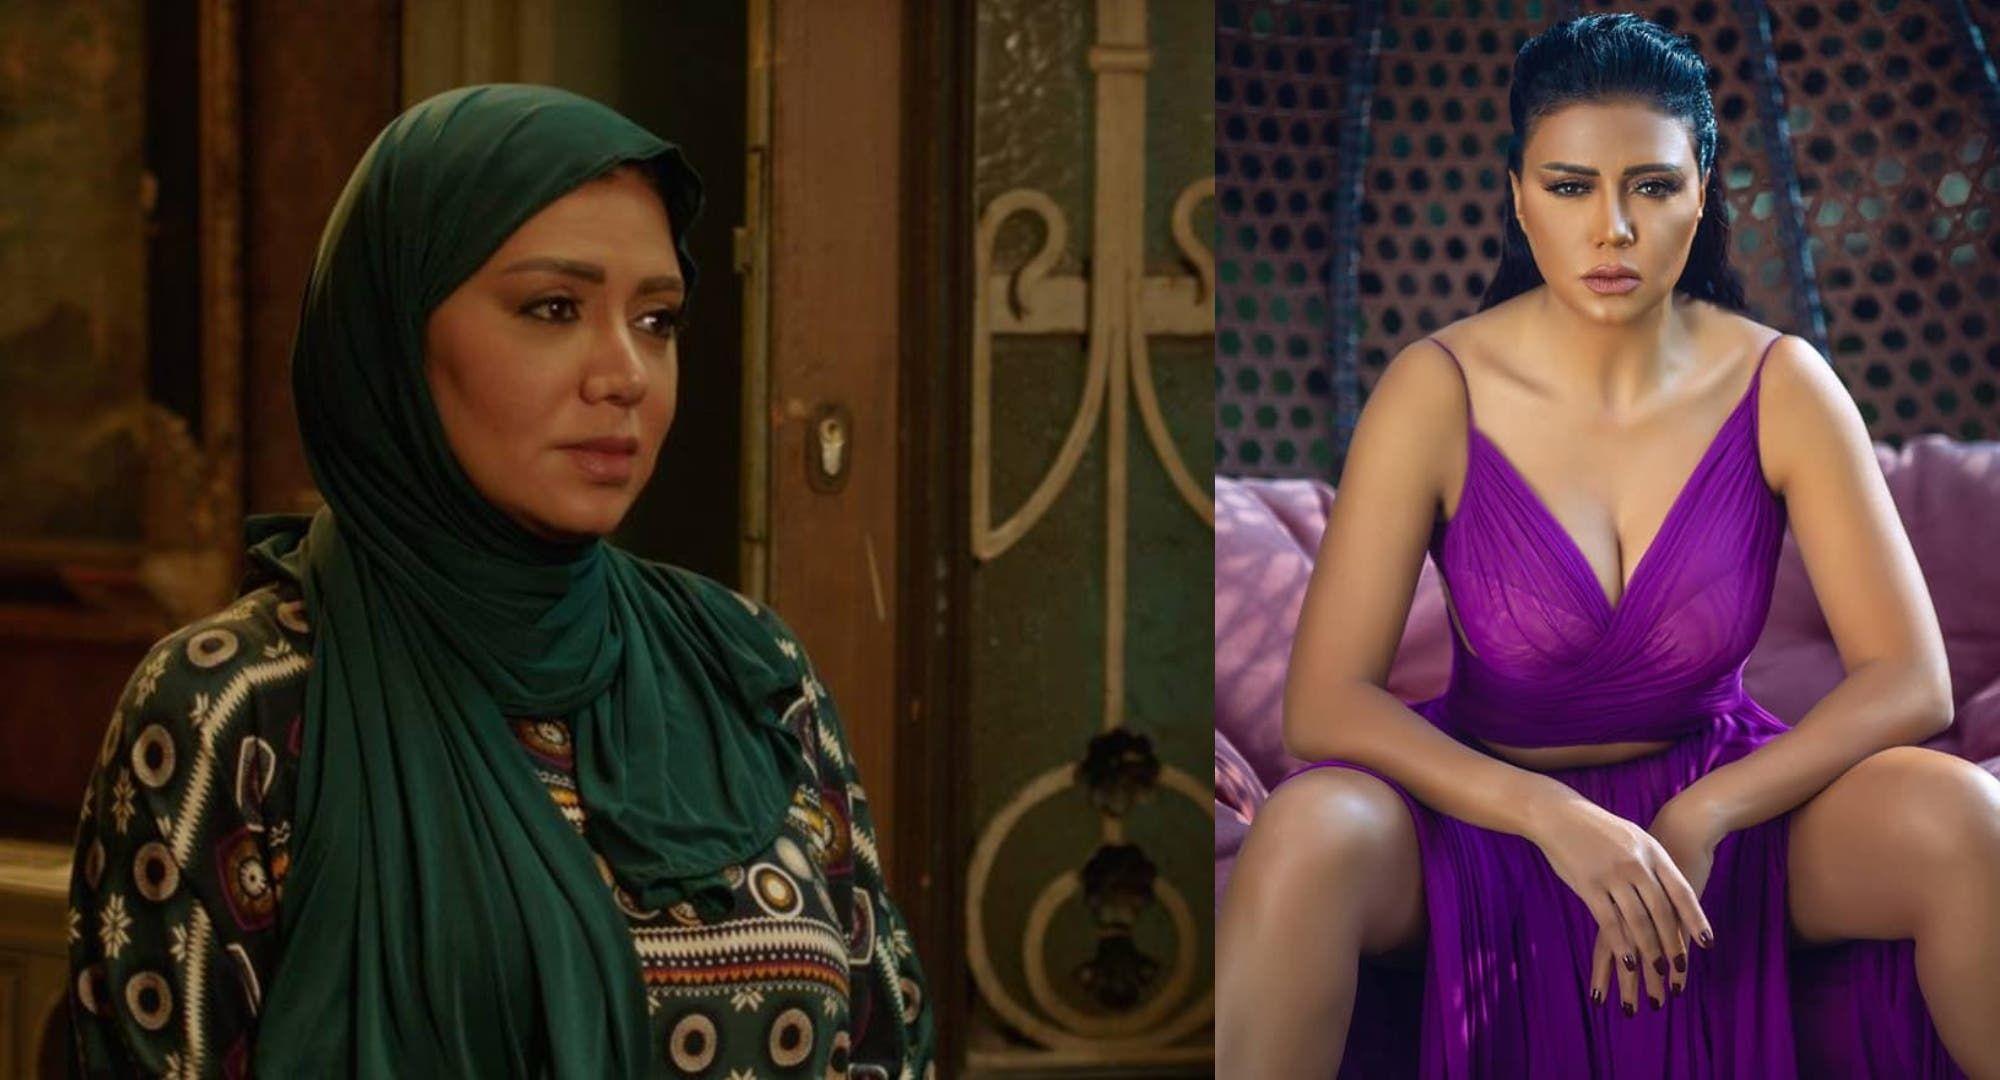 مقطع محذوف من مقابلة رانيا يوسف يثير الجدل سخرية من الدين والحجاب In 2021 Fashion Sari Saree